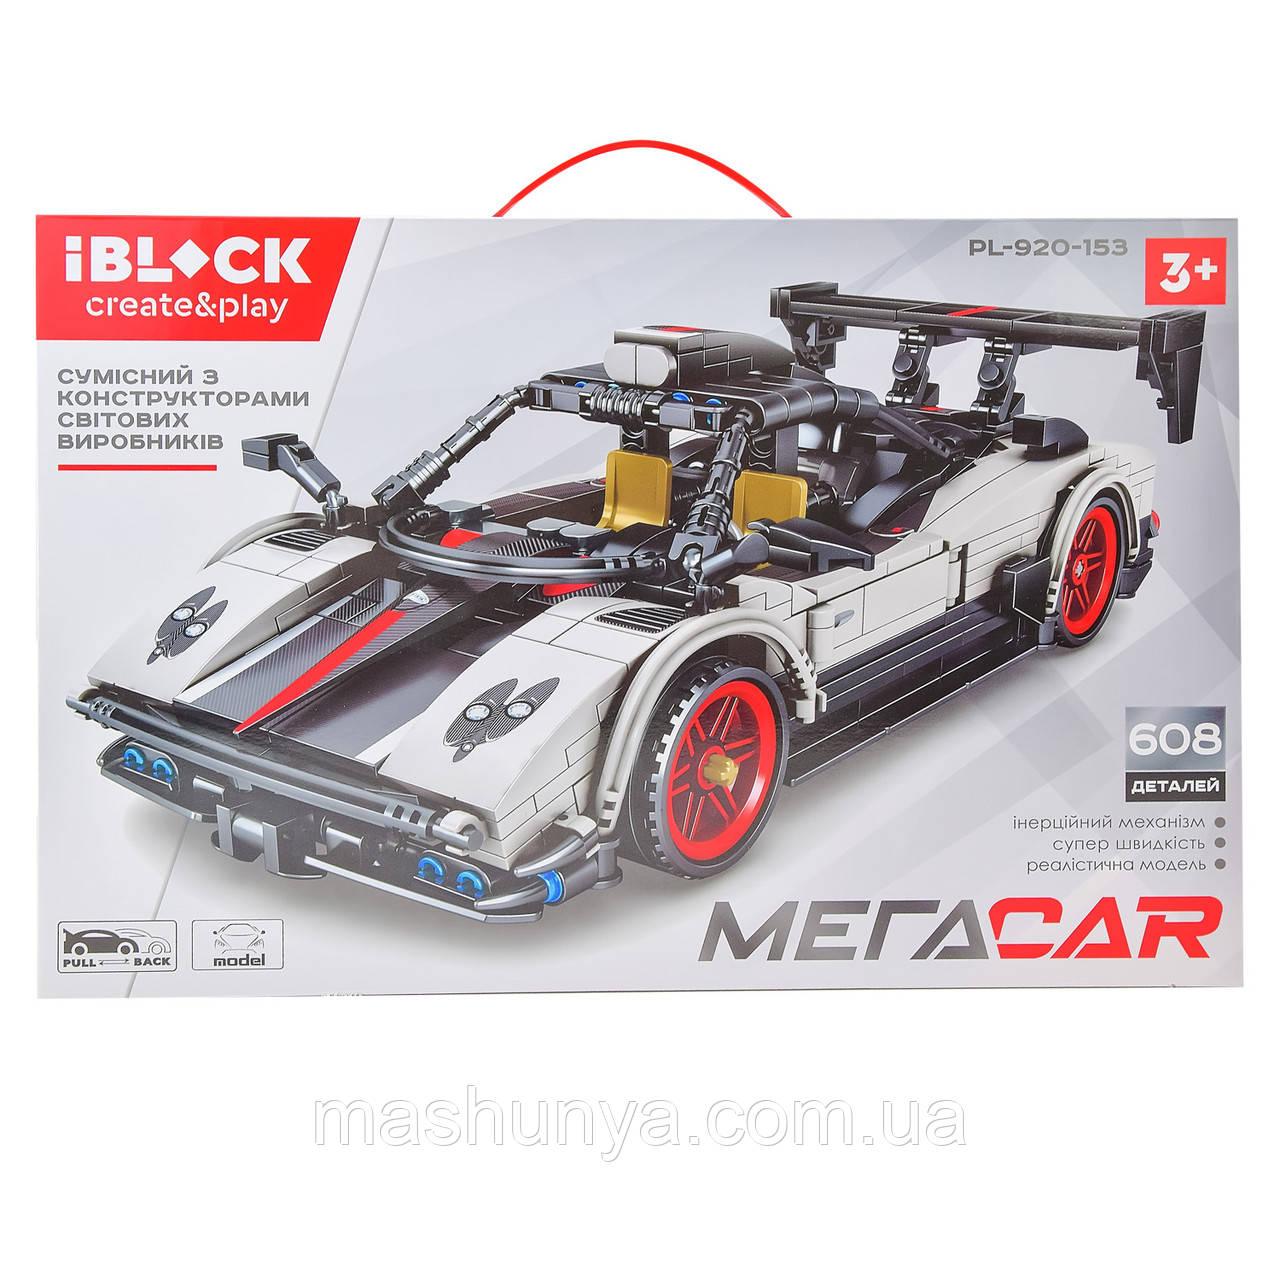 Конструктор iBlock Машинка 608 деталей PL-920-153